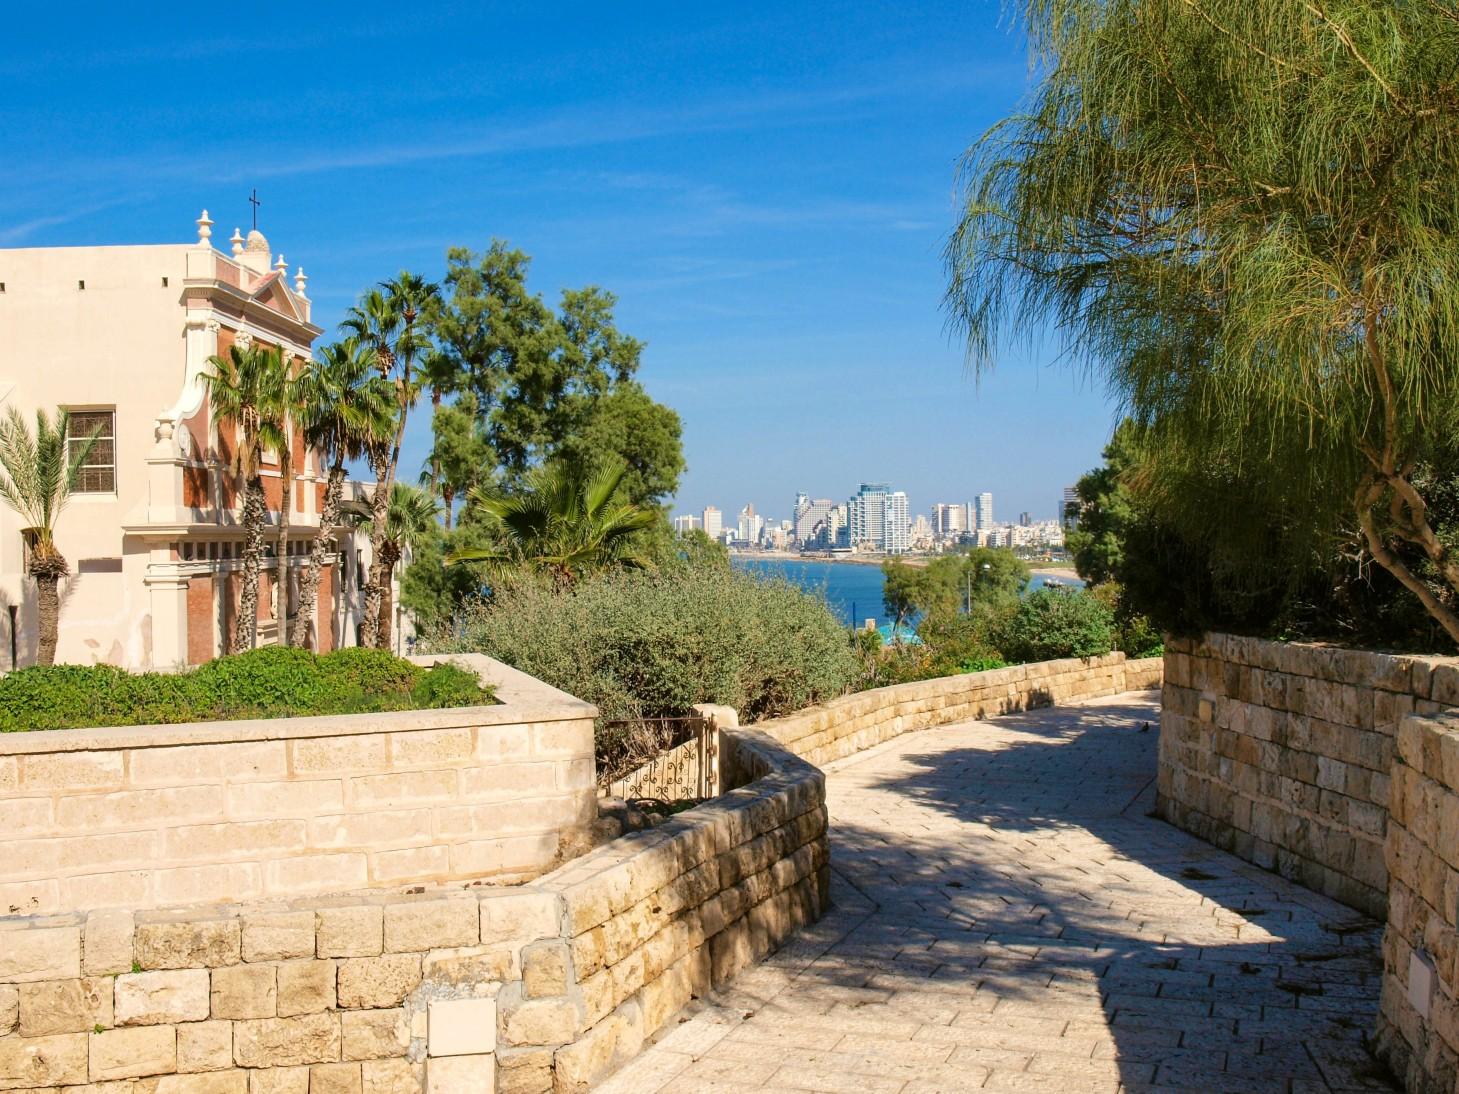 Izrael ciekawe miejsca i najwieksze atrakcje (10)